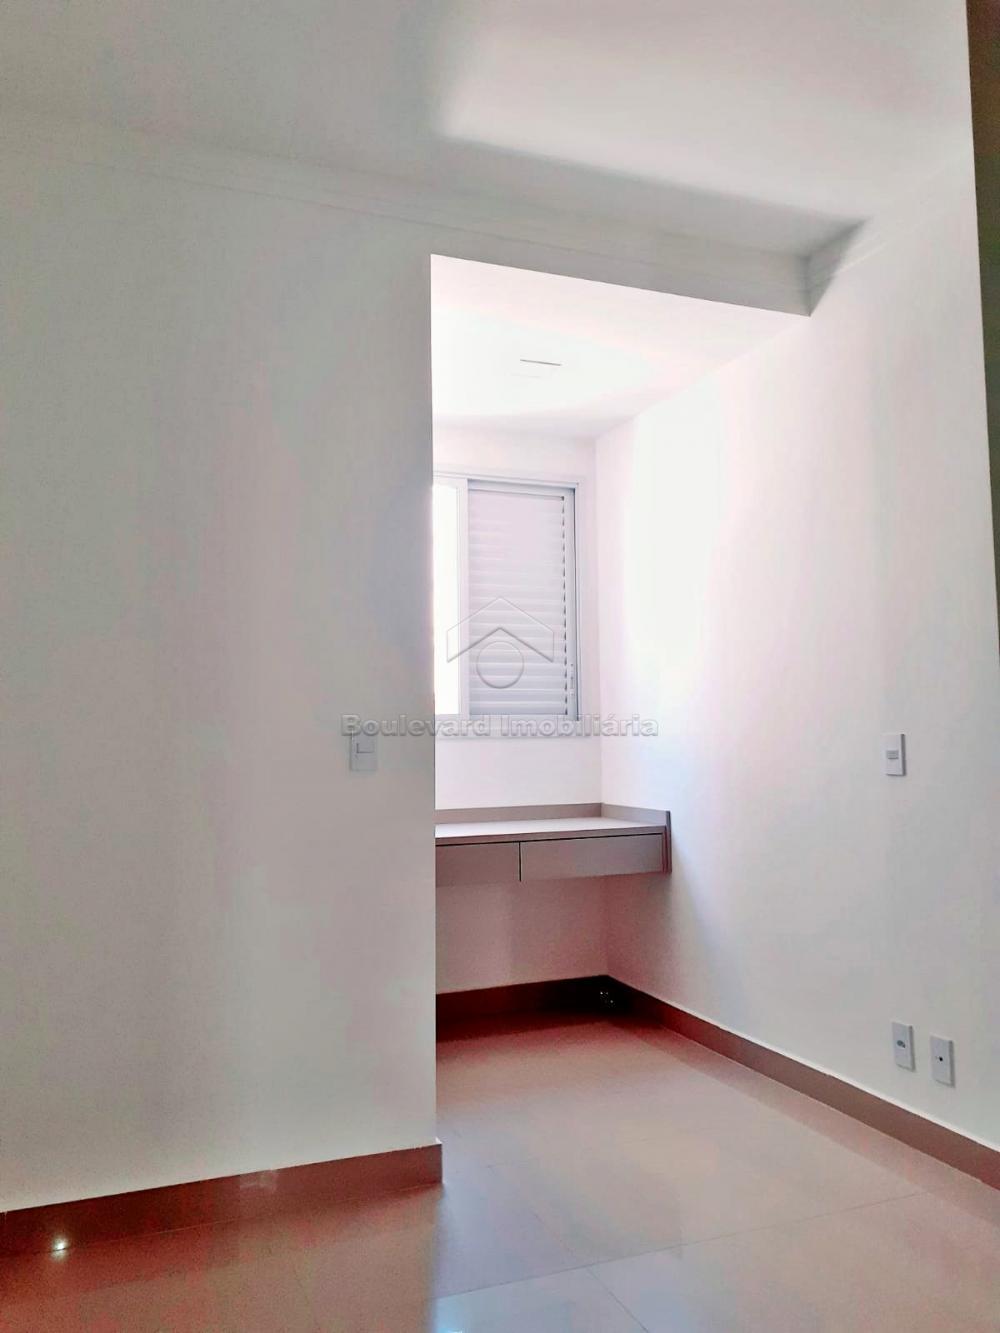 Alugar Apartamento / Padrão em Ribeirão Preto R$ 2.950,00 - Foto 19